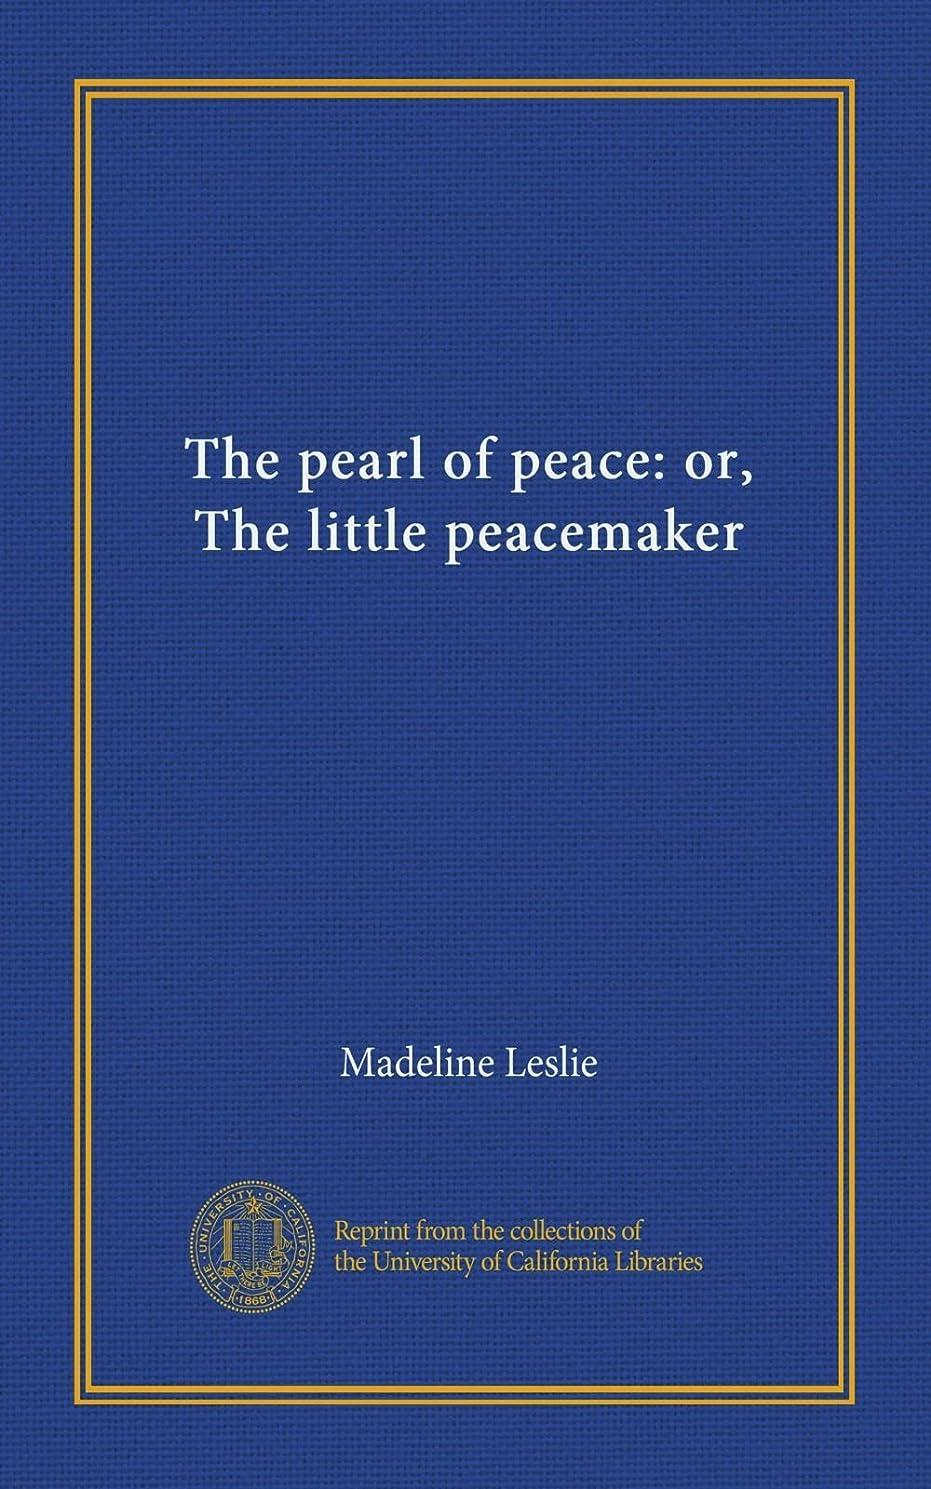 容疑者麦芽参照するThe pearl of peace: or, The little peacemaker